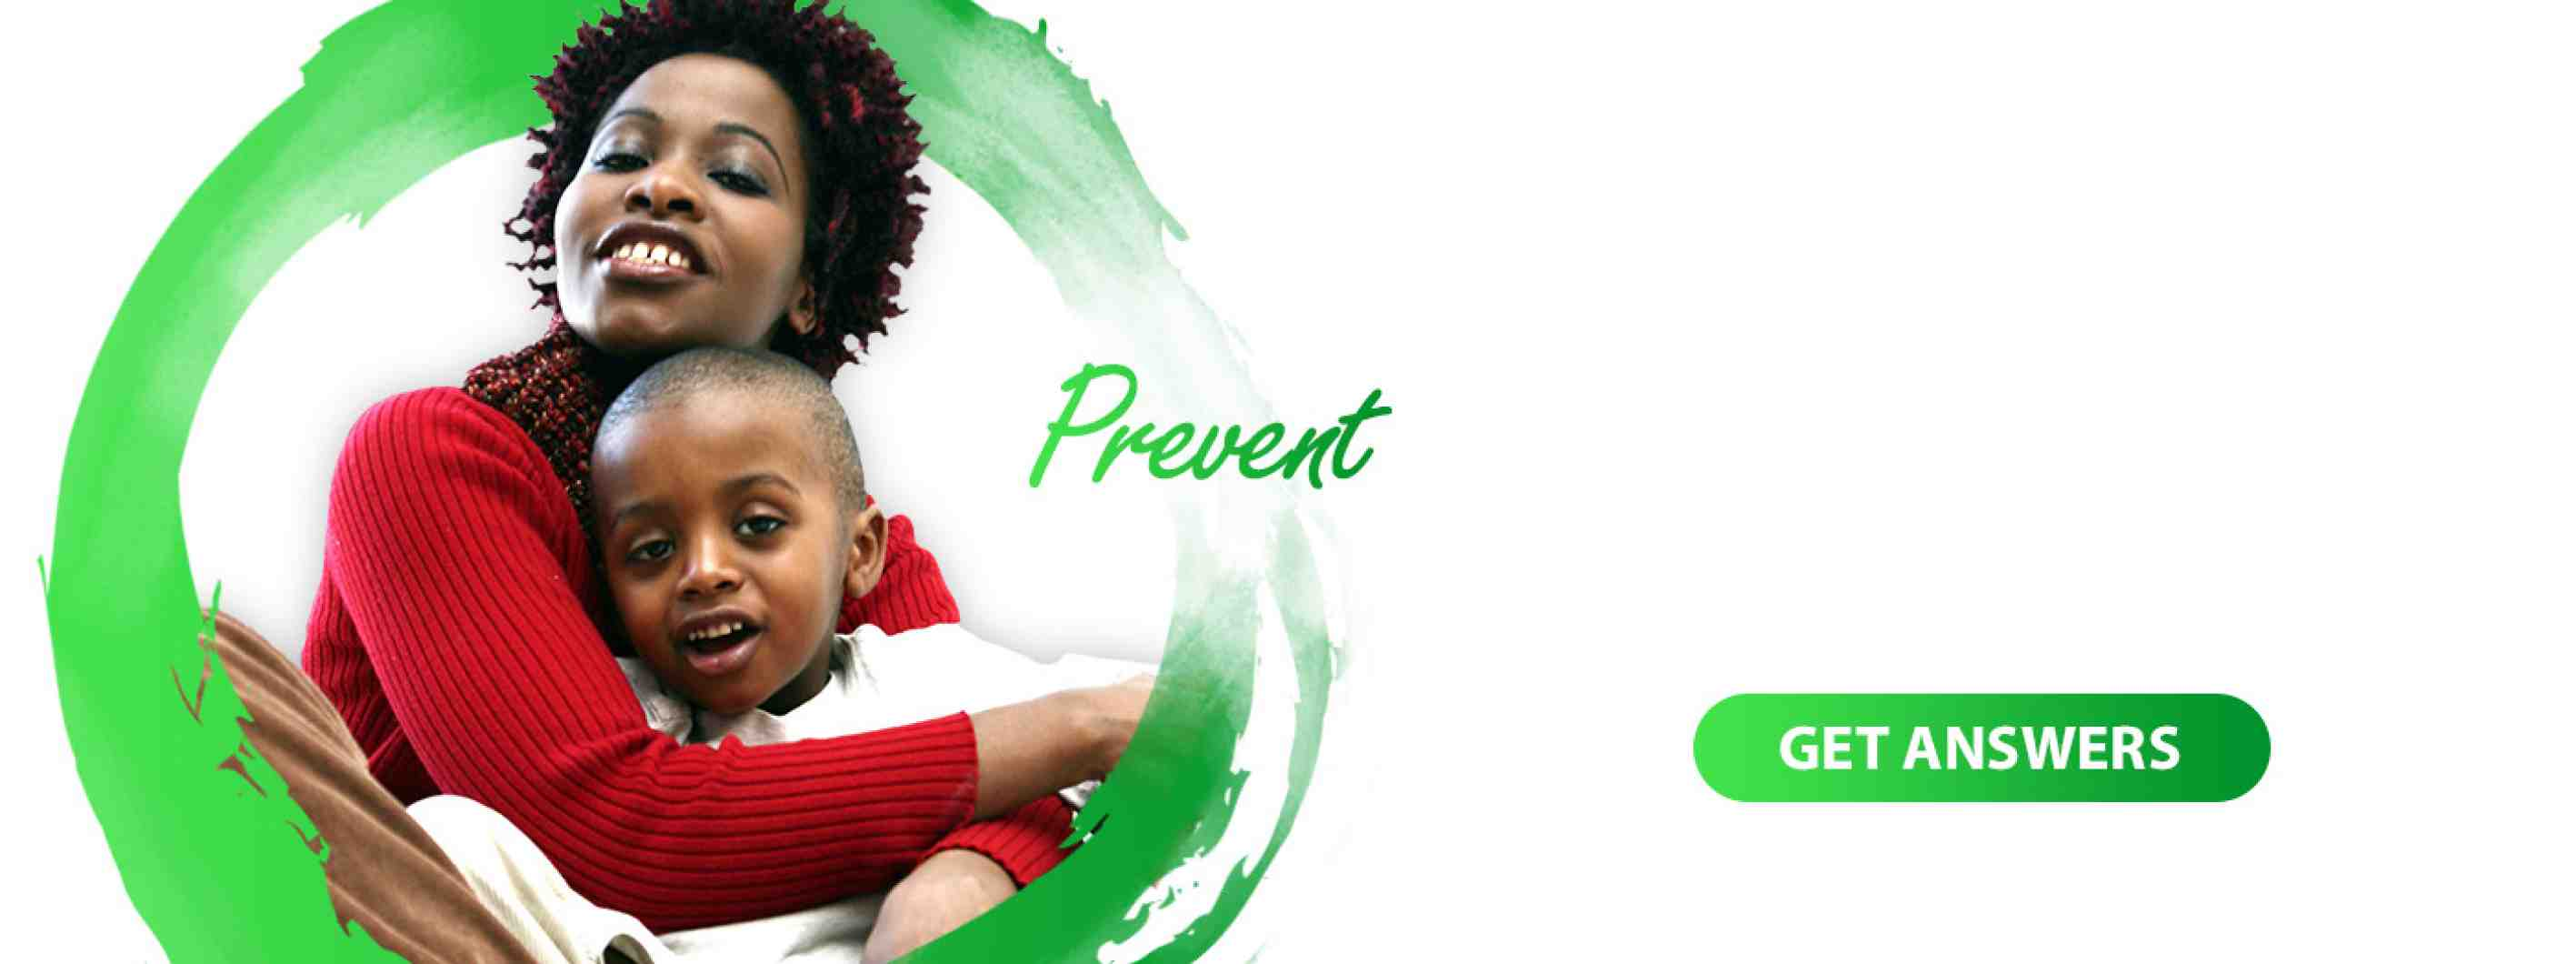 green_2.jpg